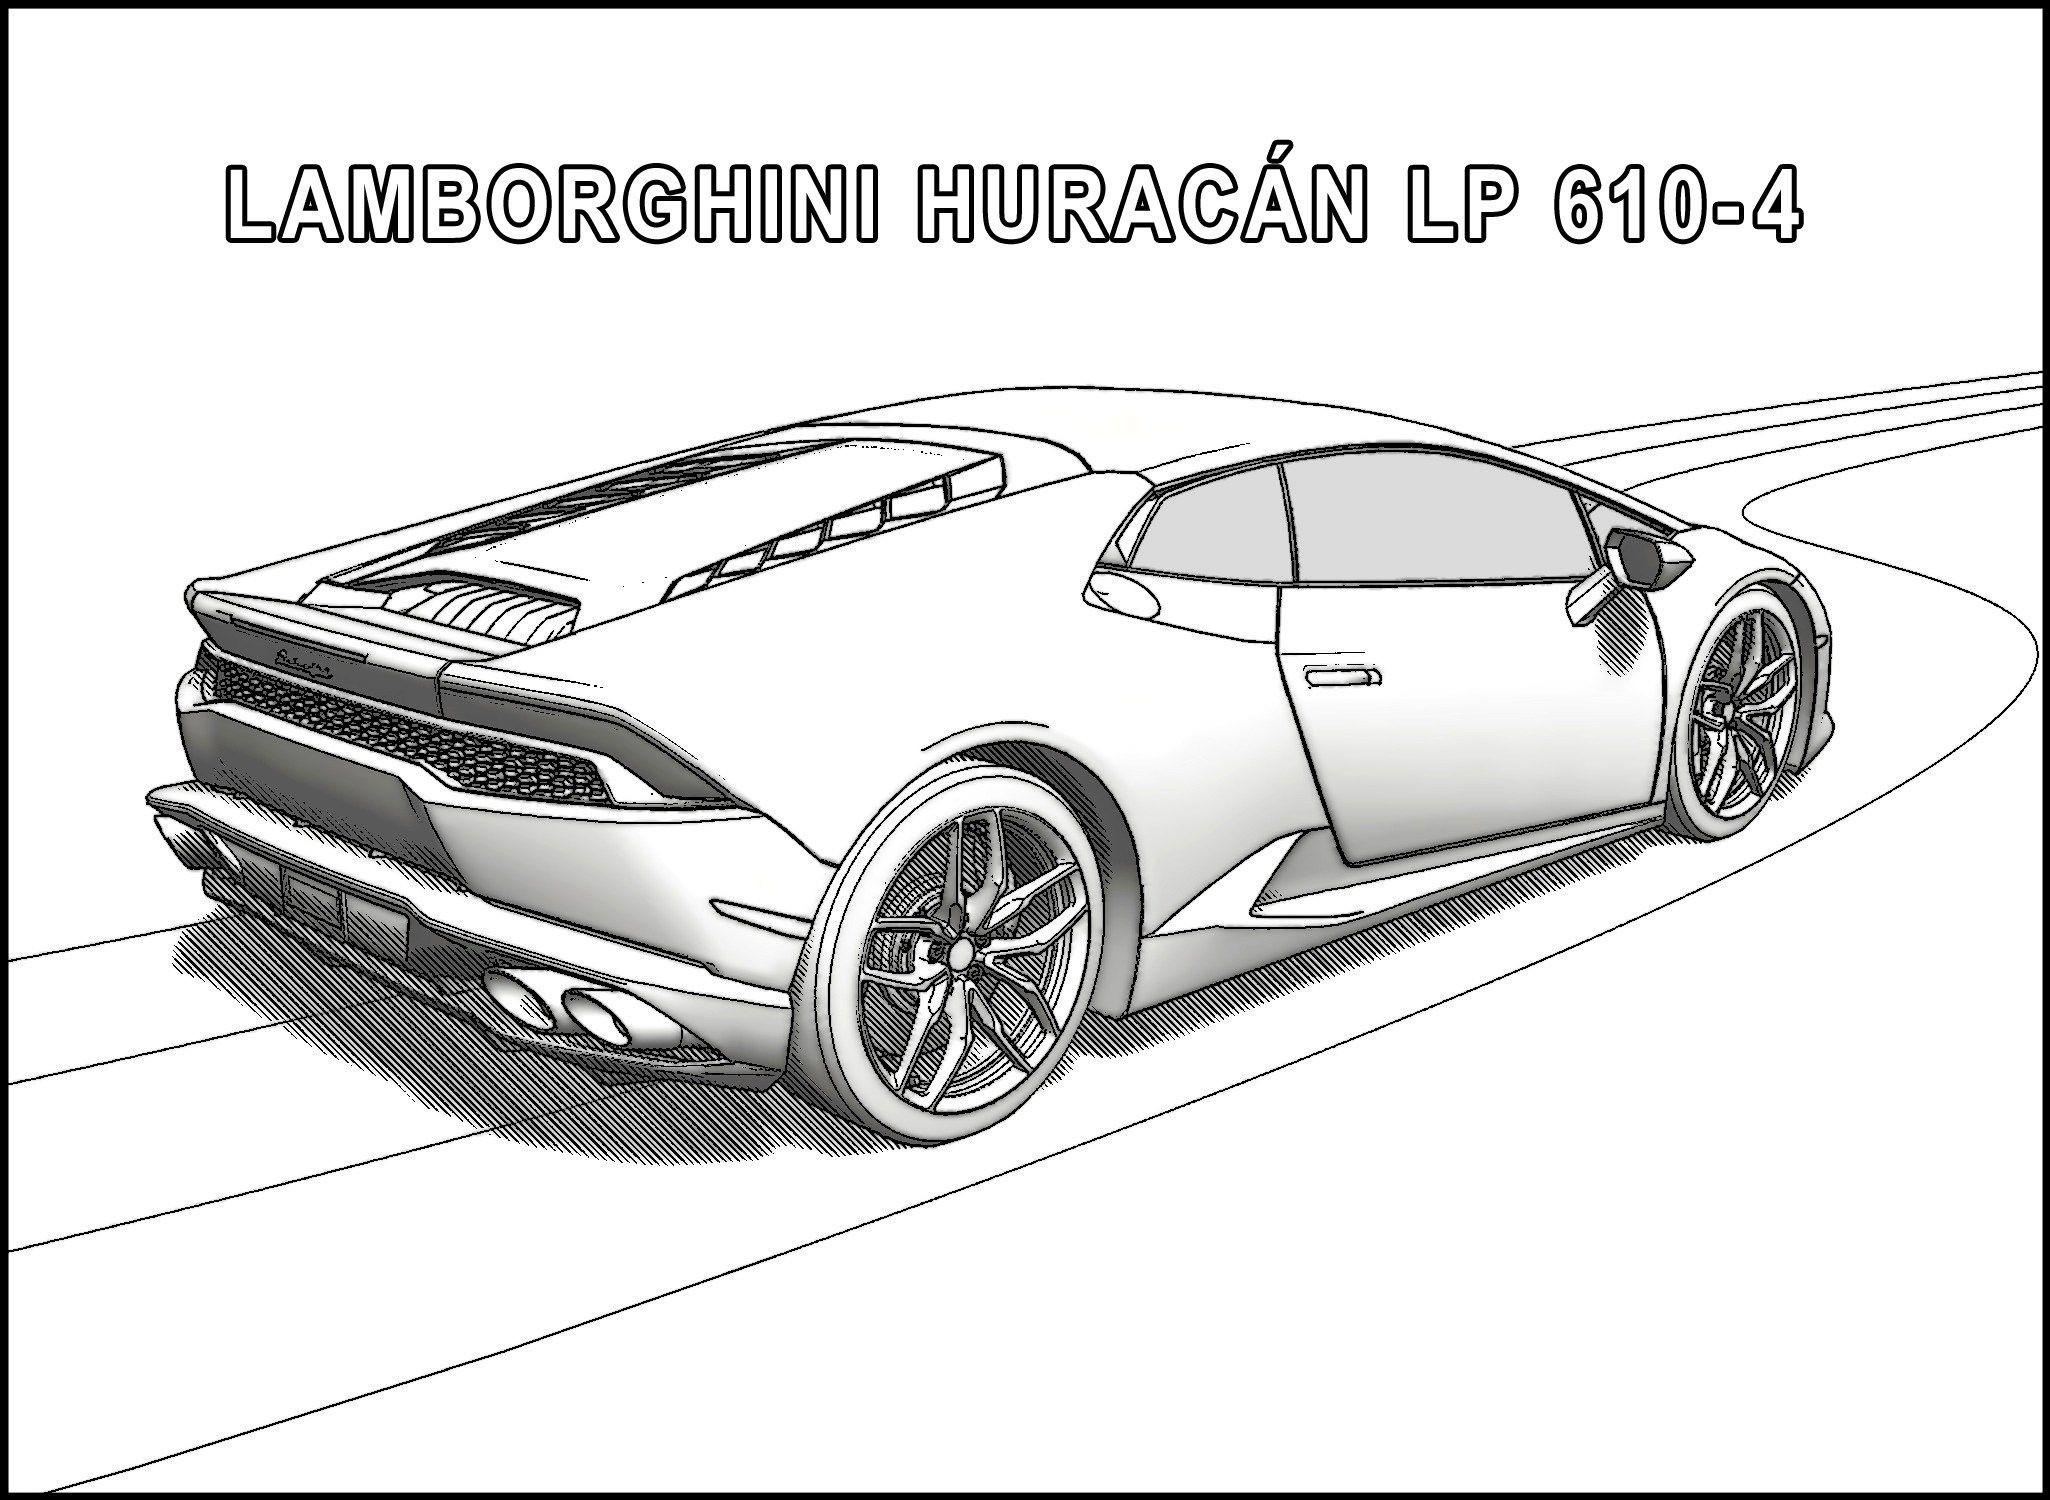 Ausmalbilder Autos Lamborghini Einzigartig Lamborghini Veneno Ausmalbilder Fresh Bayern Ausmalbilder Neu Igel Stock